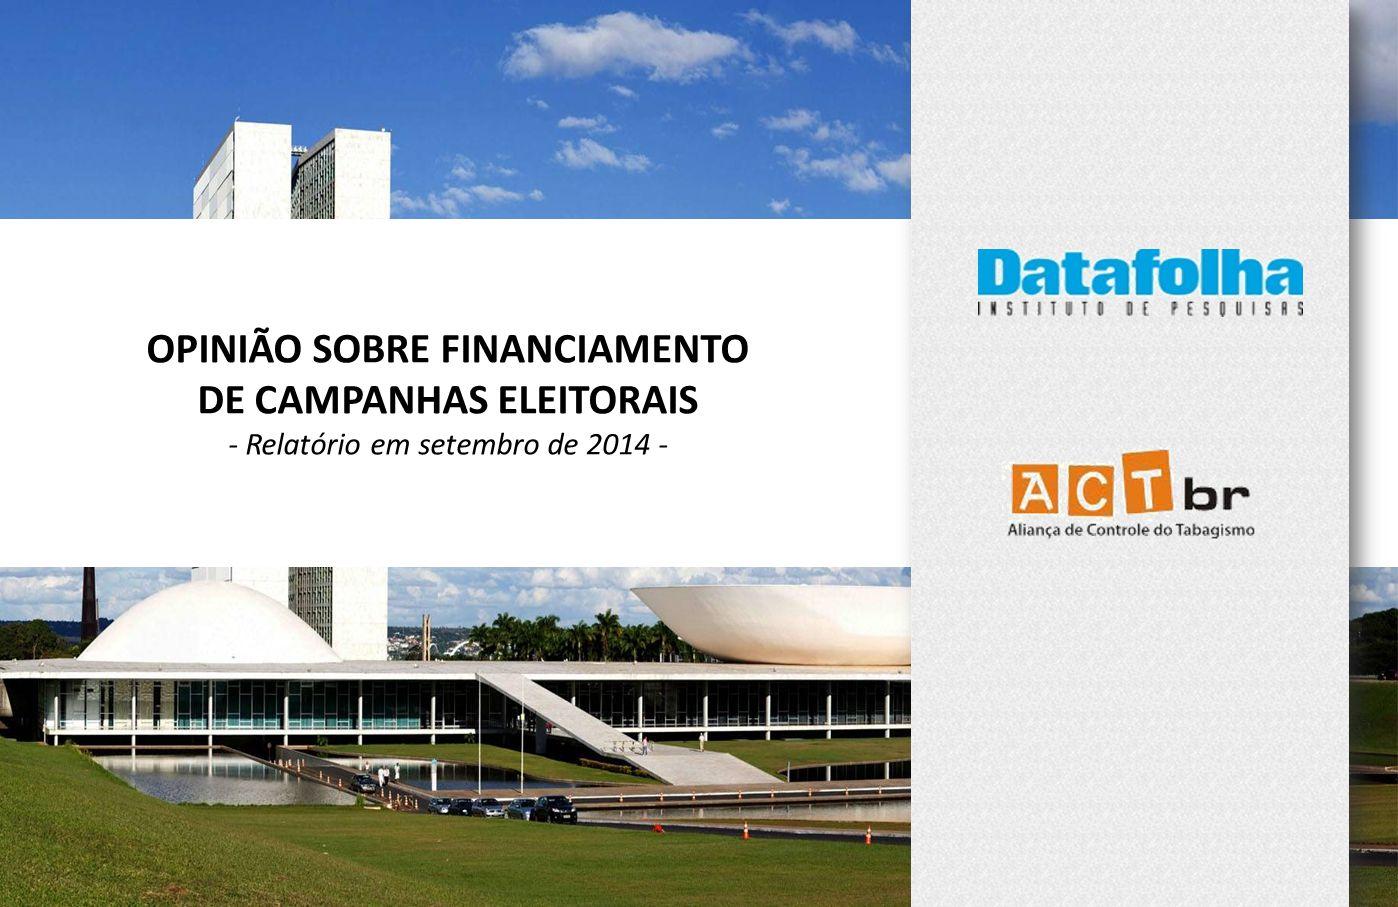 1 OPINIÃO SOBRE FINANCIAMENTO DE CAMPANHAS ELEITORAIS - Relatório em setembro de 2014 -